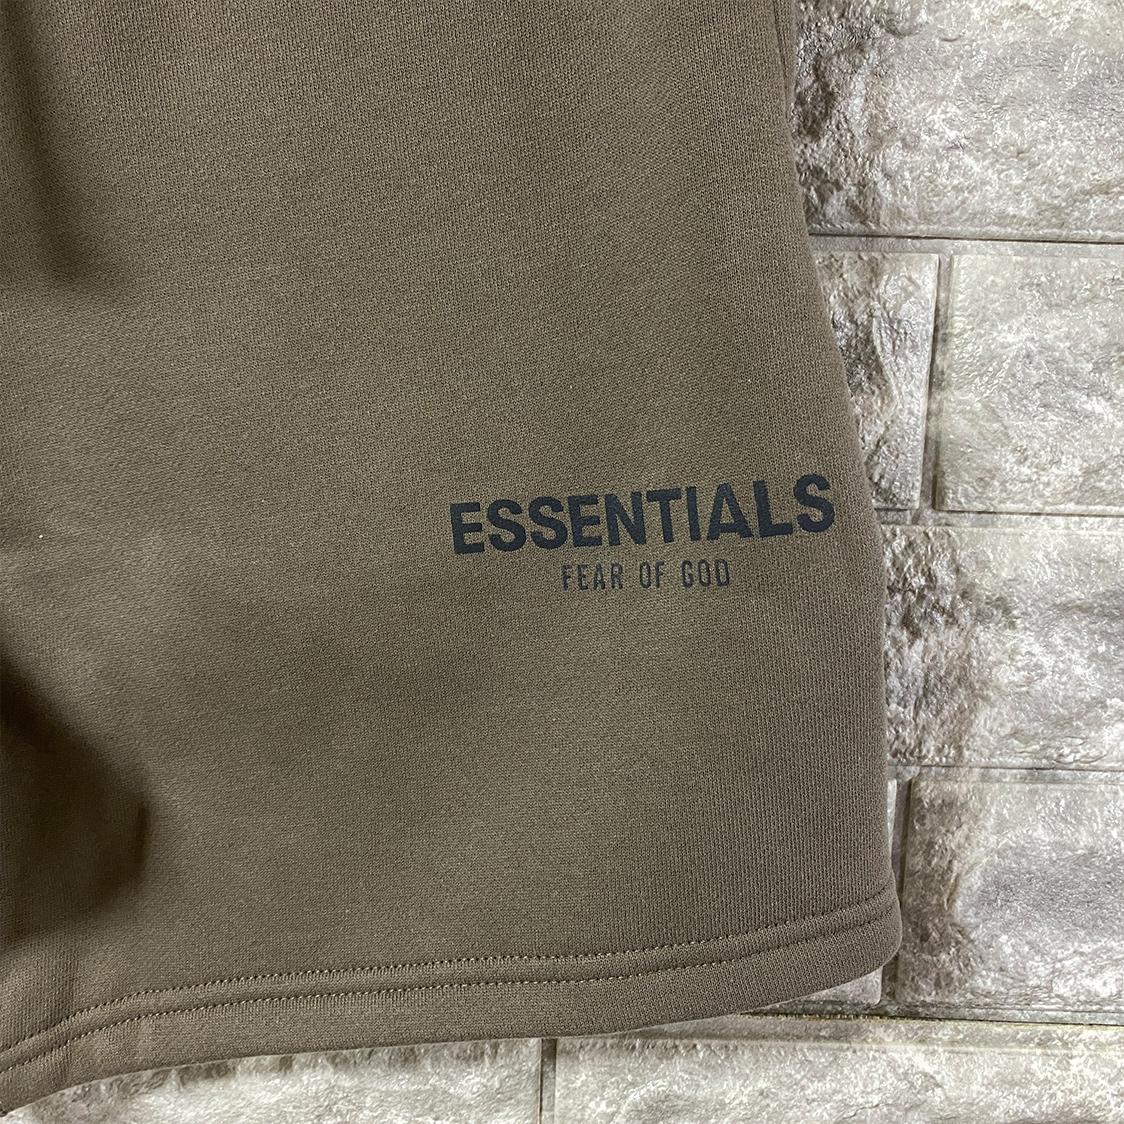 2021新作 新品 Fear Of God Essentials フェアオブゴッド エッセンシャルズ【Mサイズ】 ロゴ スウェット ショーツ ハーフパンツ taupe トープ FOG